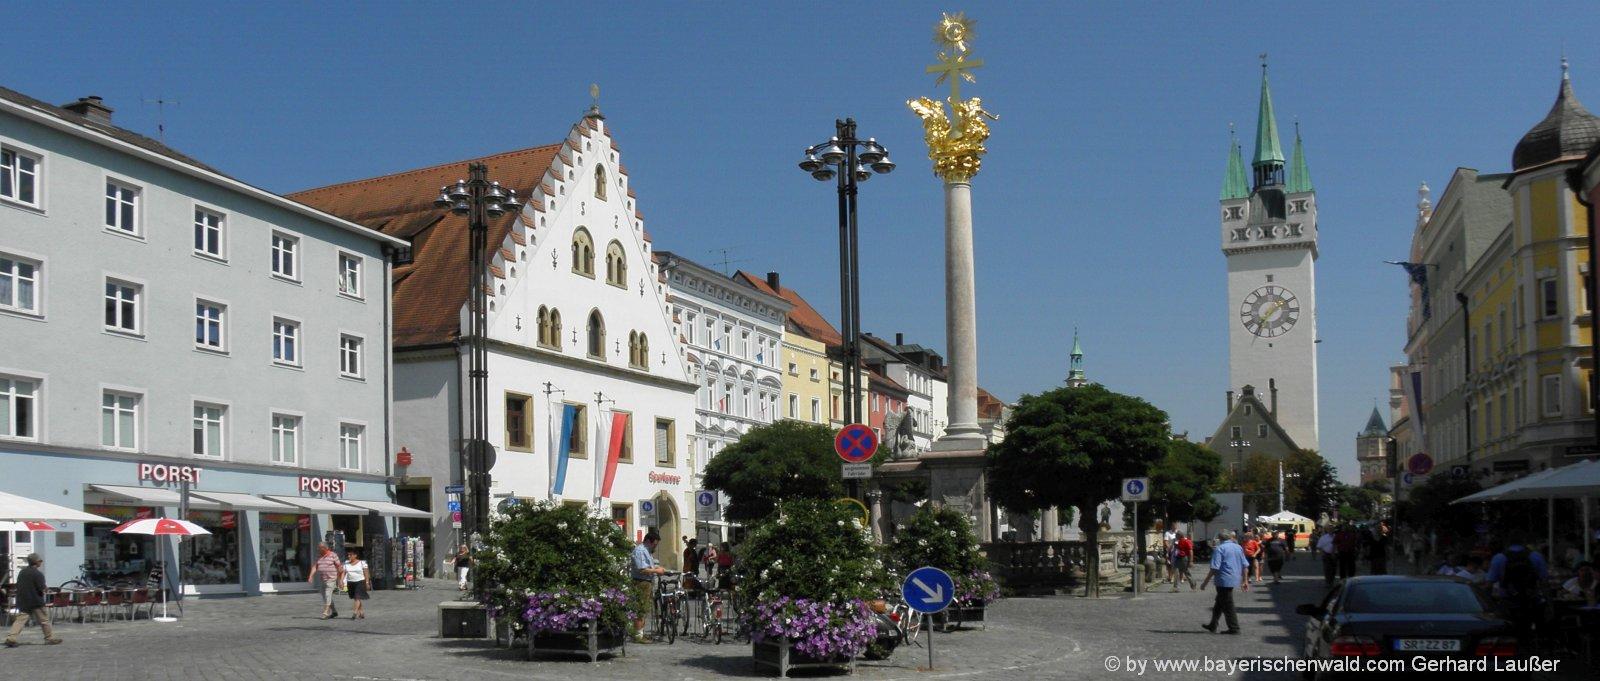 straubing-sehenswuerdigkeiten-niederbayern-ausflugsziele-wahrzeichen-stadtturm